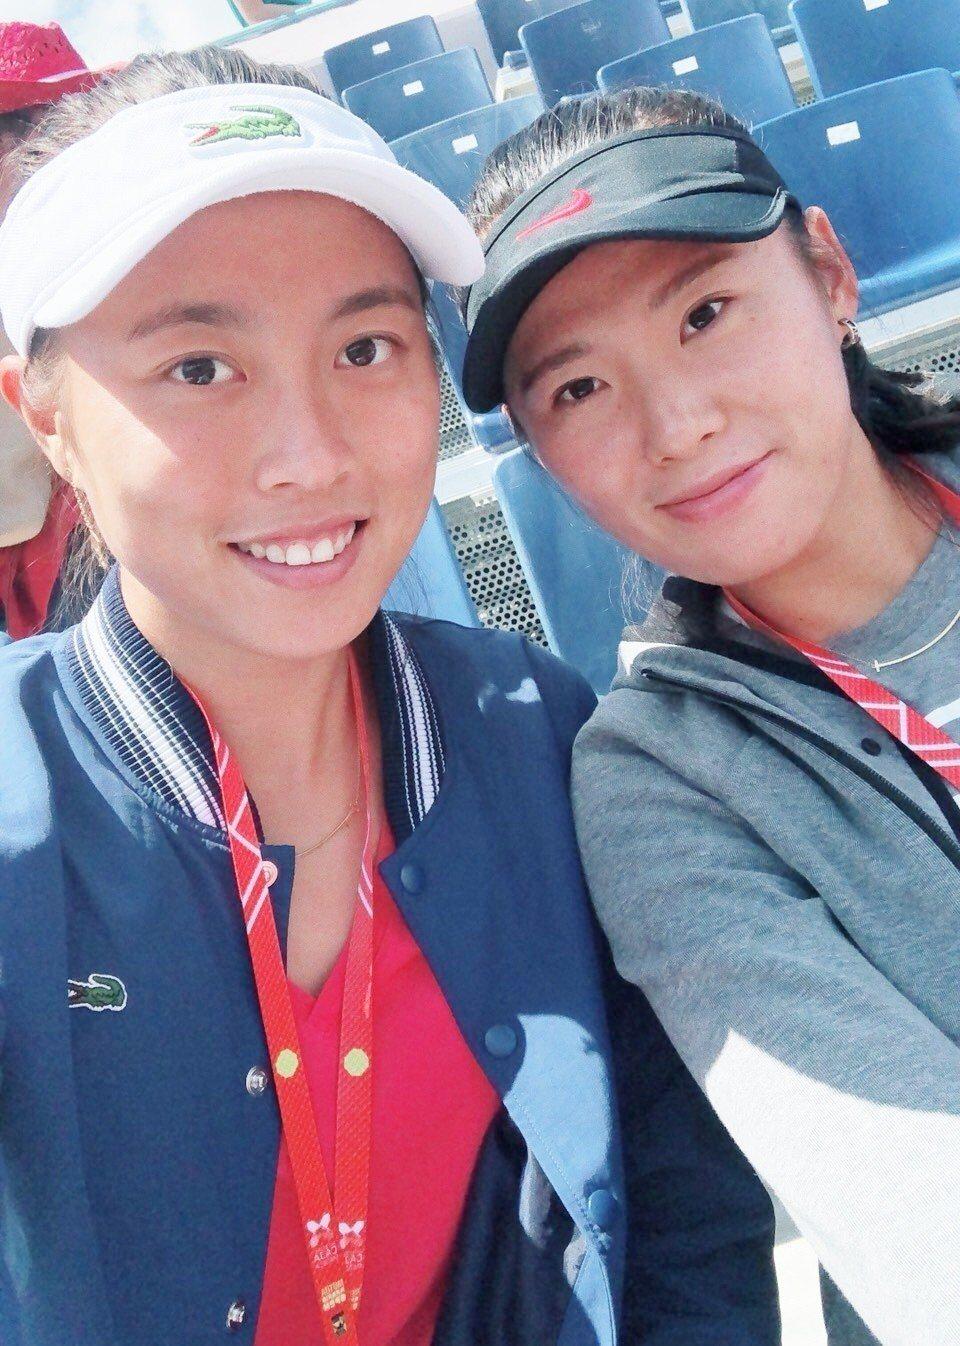 詹皓晴(左)和楊釗煊。 報系資料照(圖/劉雪貞提供)